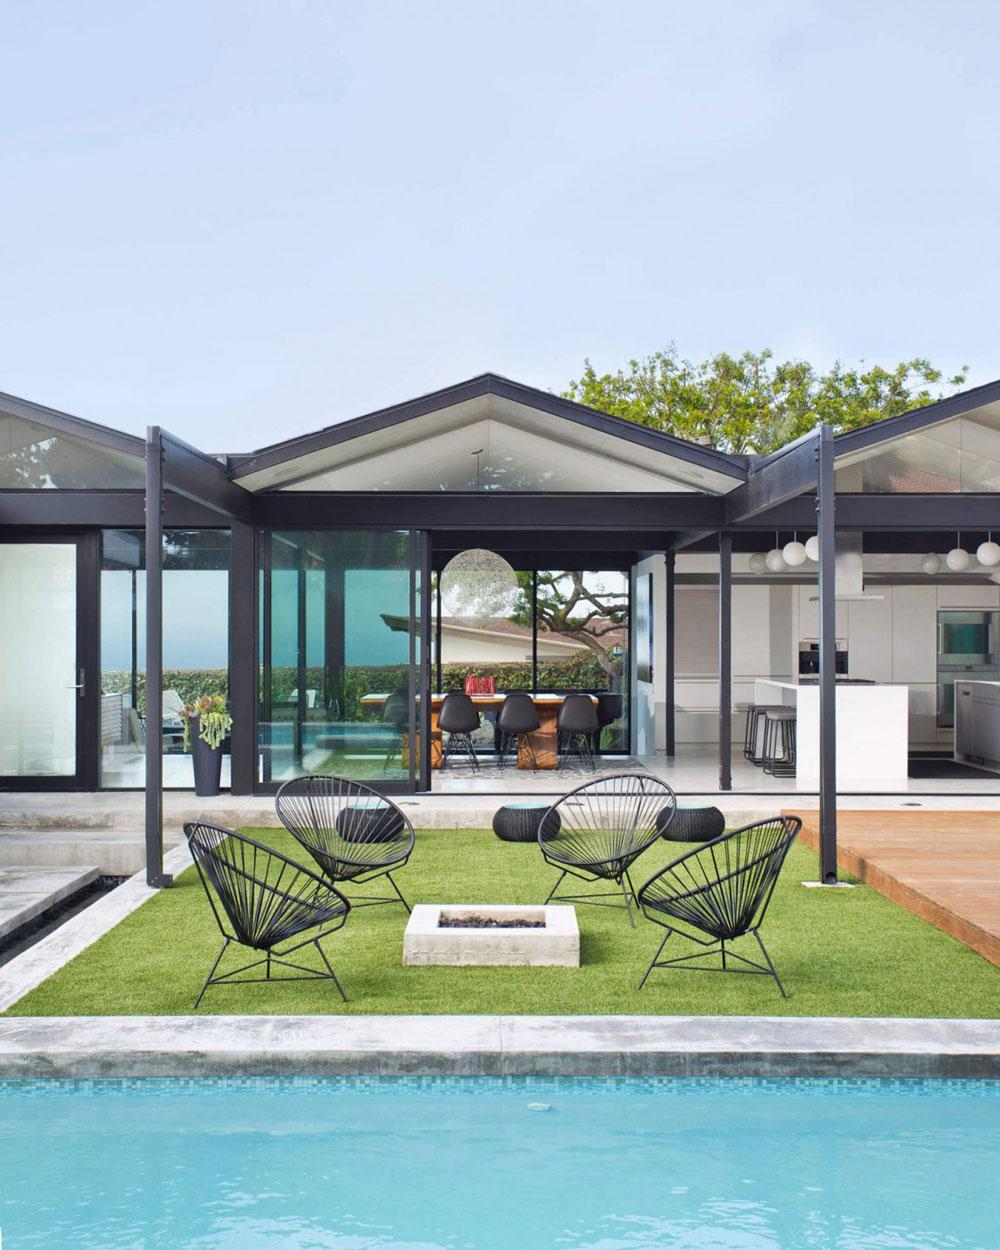 Vackert soligt hus skapat av Pierre Koenig och redesignat av Robert Sweet-13 Vackert soligt hus skapat av Pierre Koenig och redesignat av Robert Sweet